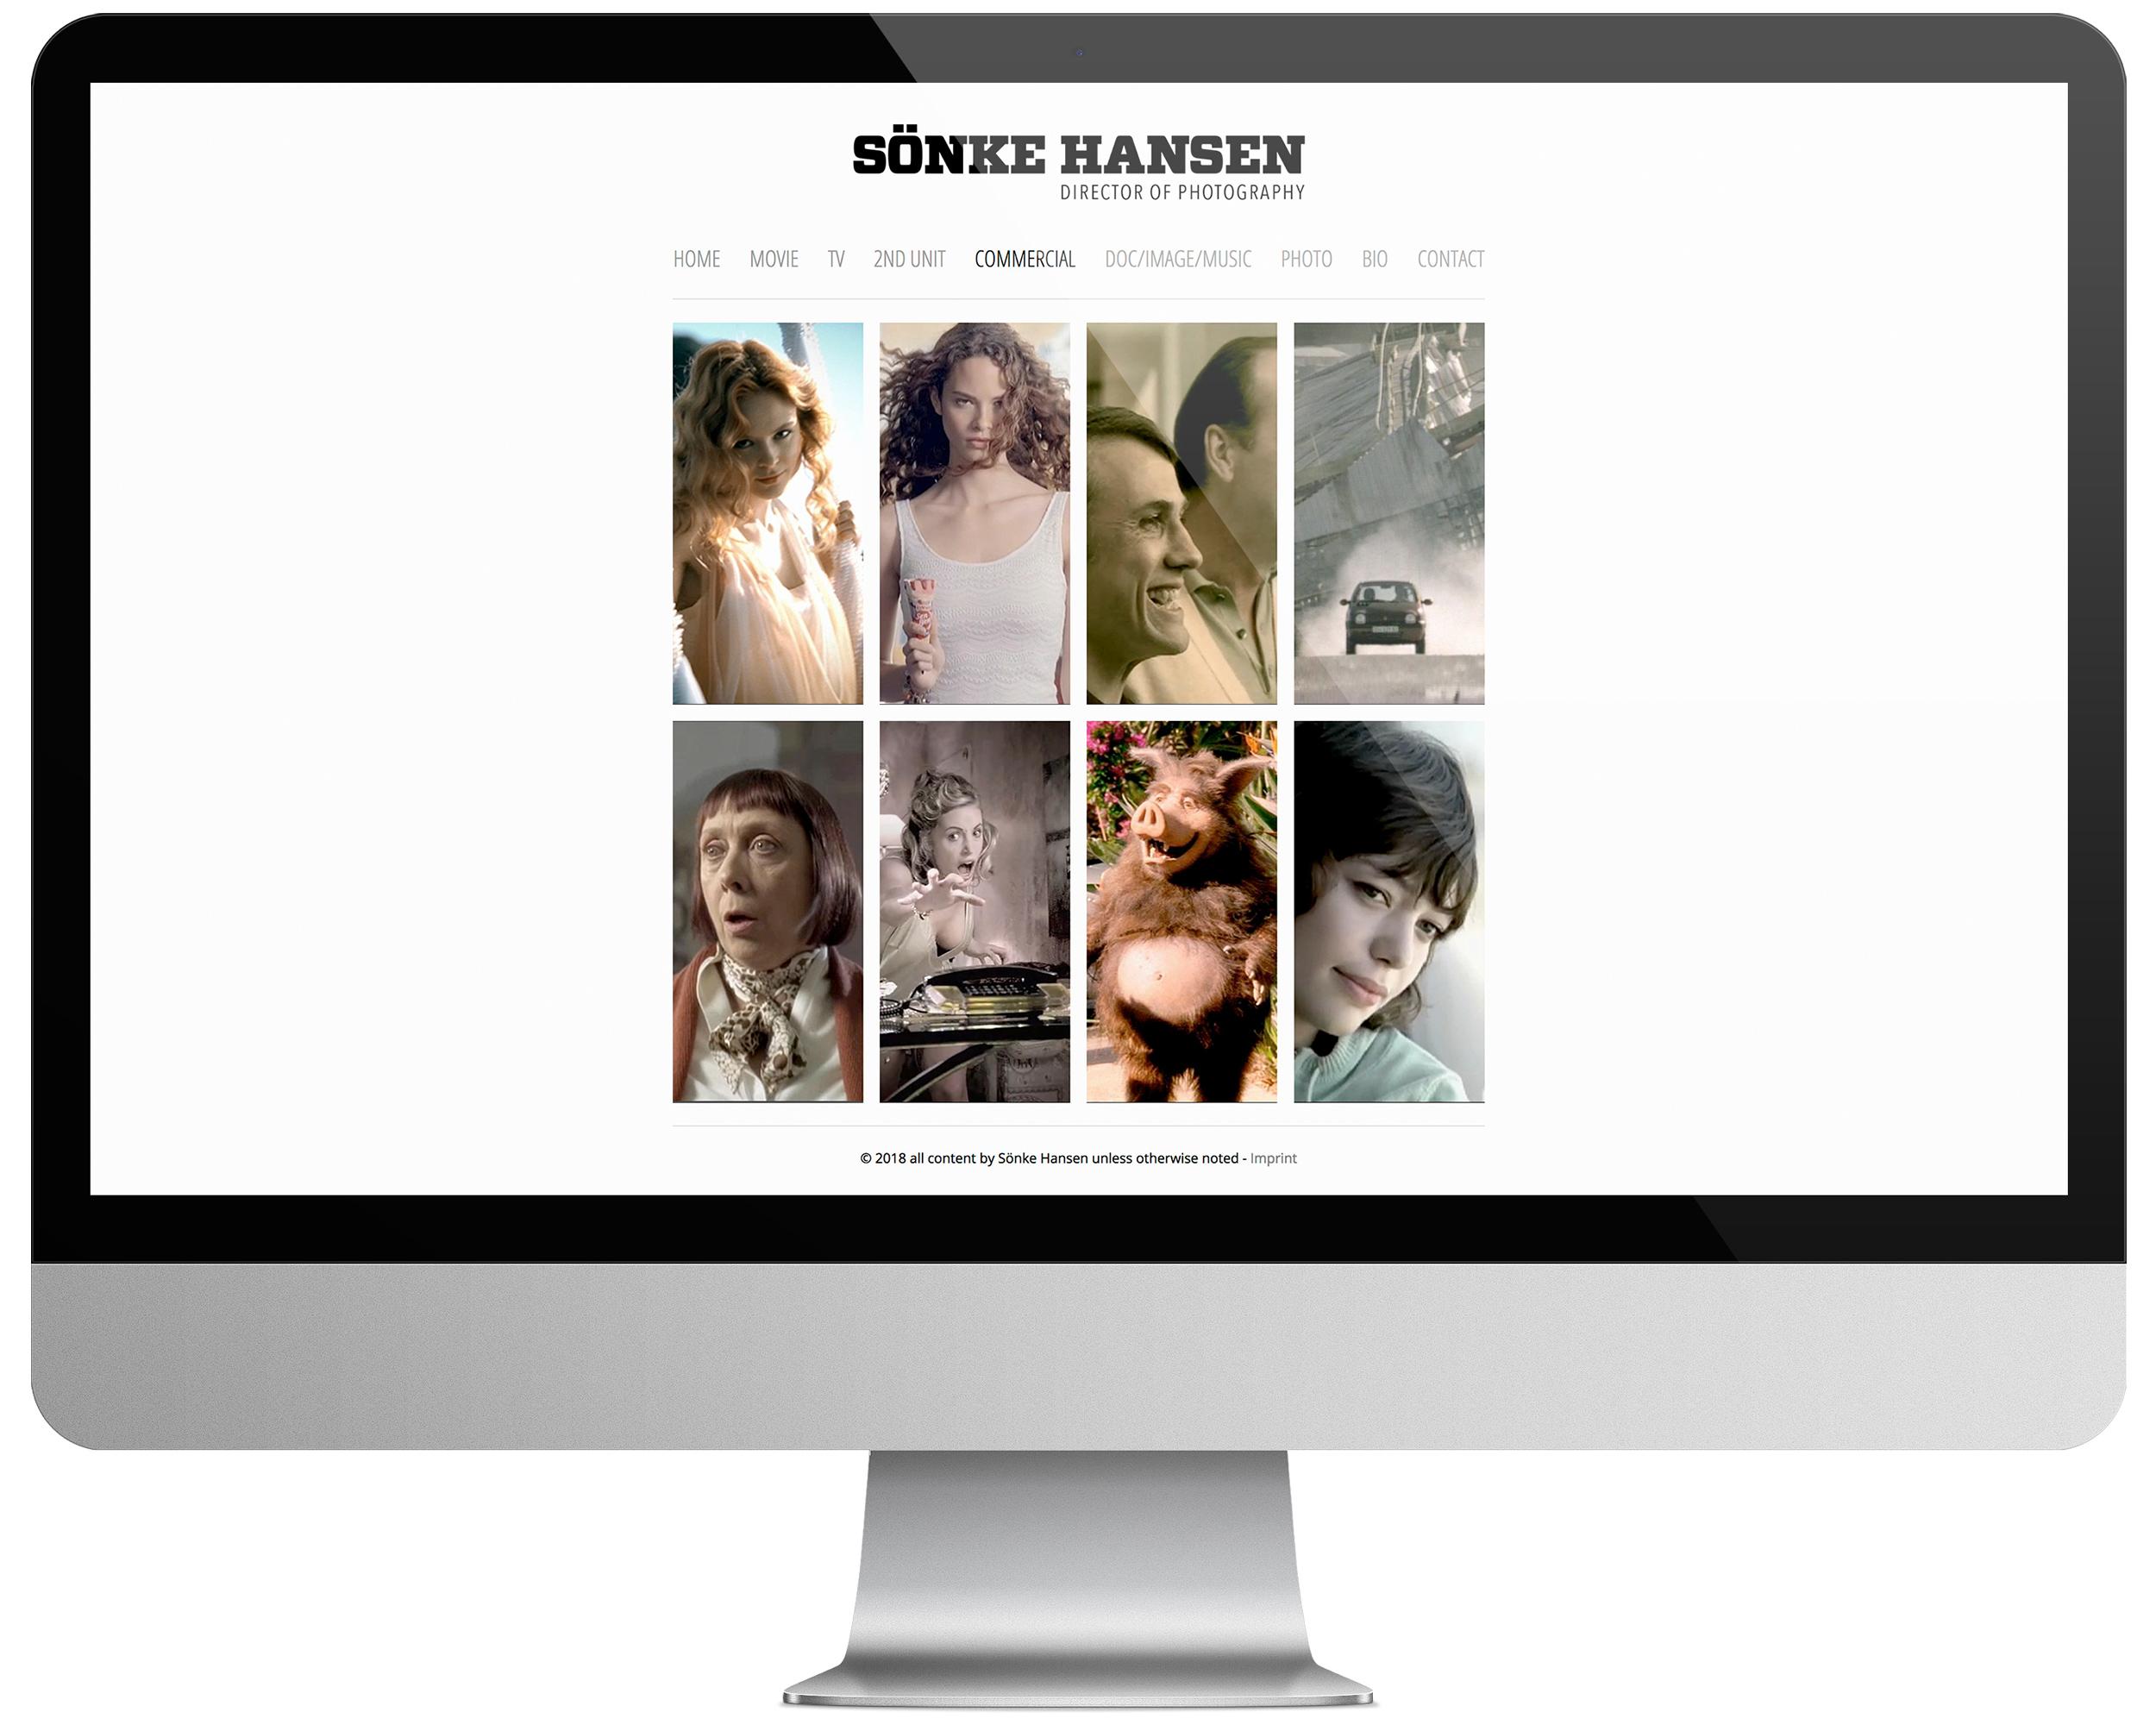 003_Soenke-Hansen_iMAC_2500x2000.jpg